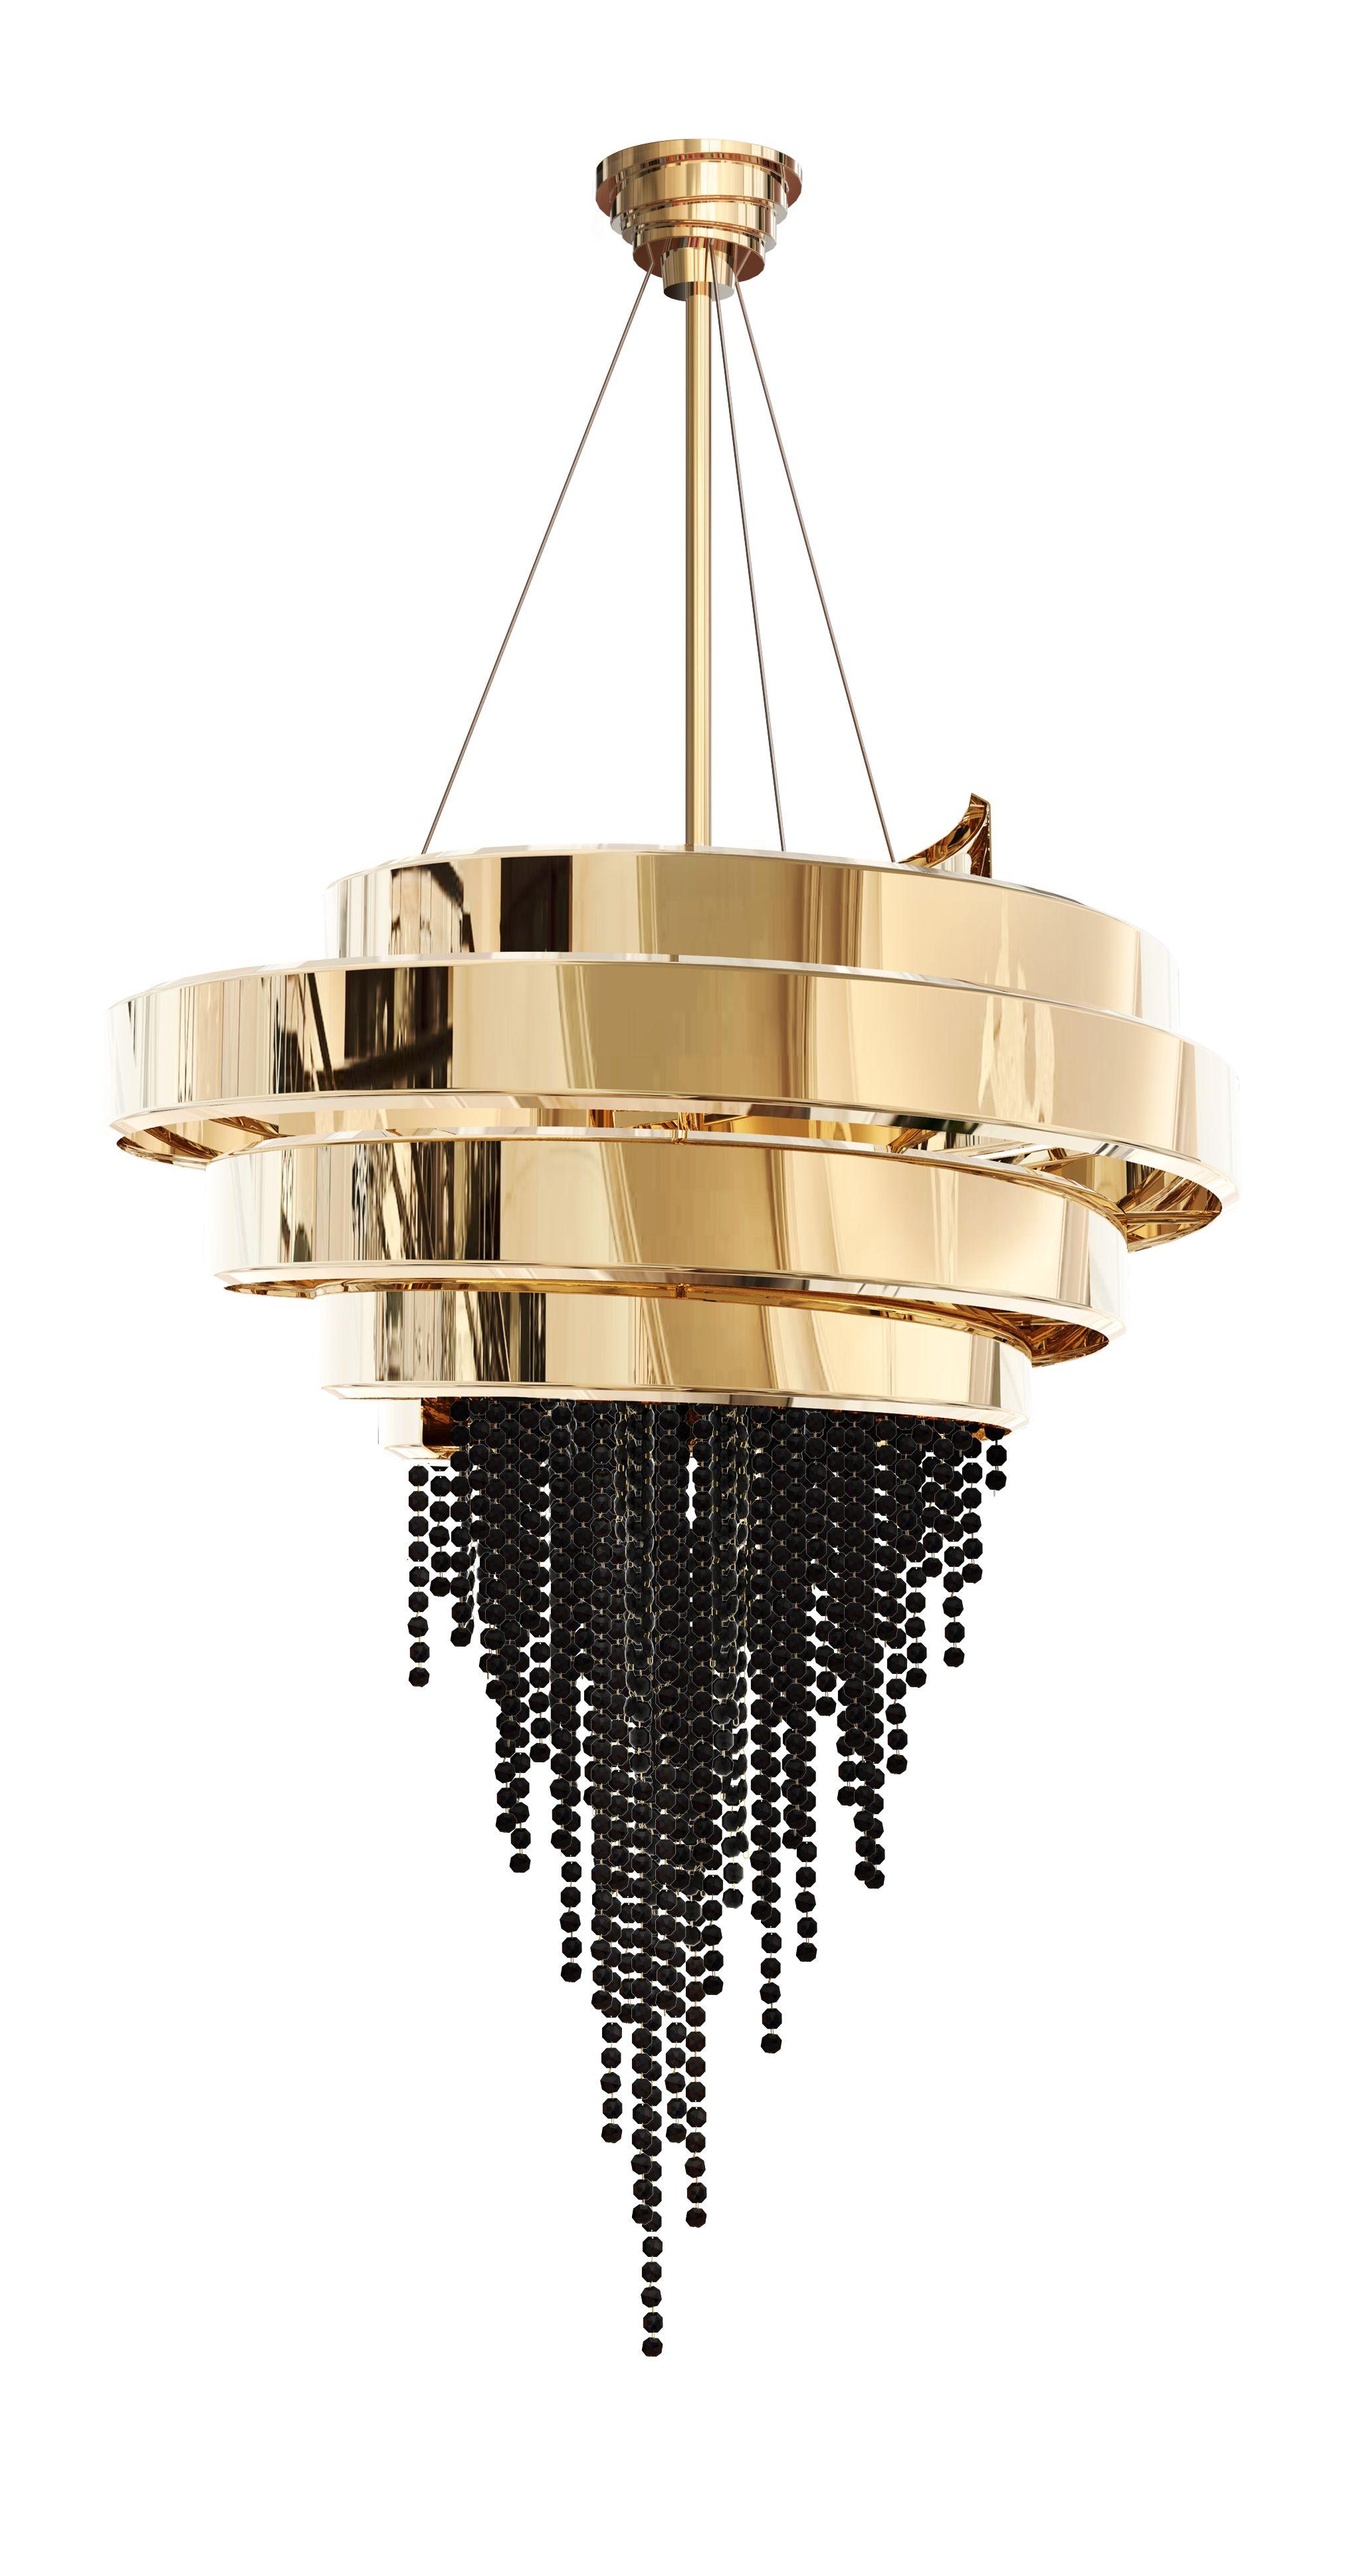 Nuevas tendencias en dise o interior revista estilo propio lamparas kronleuchter lampen y - Kronleuchter stehlampe ...